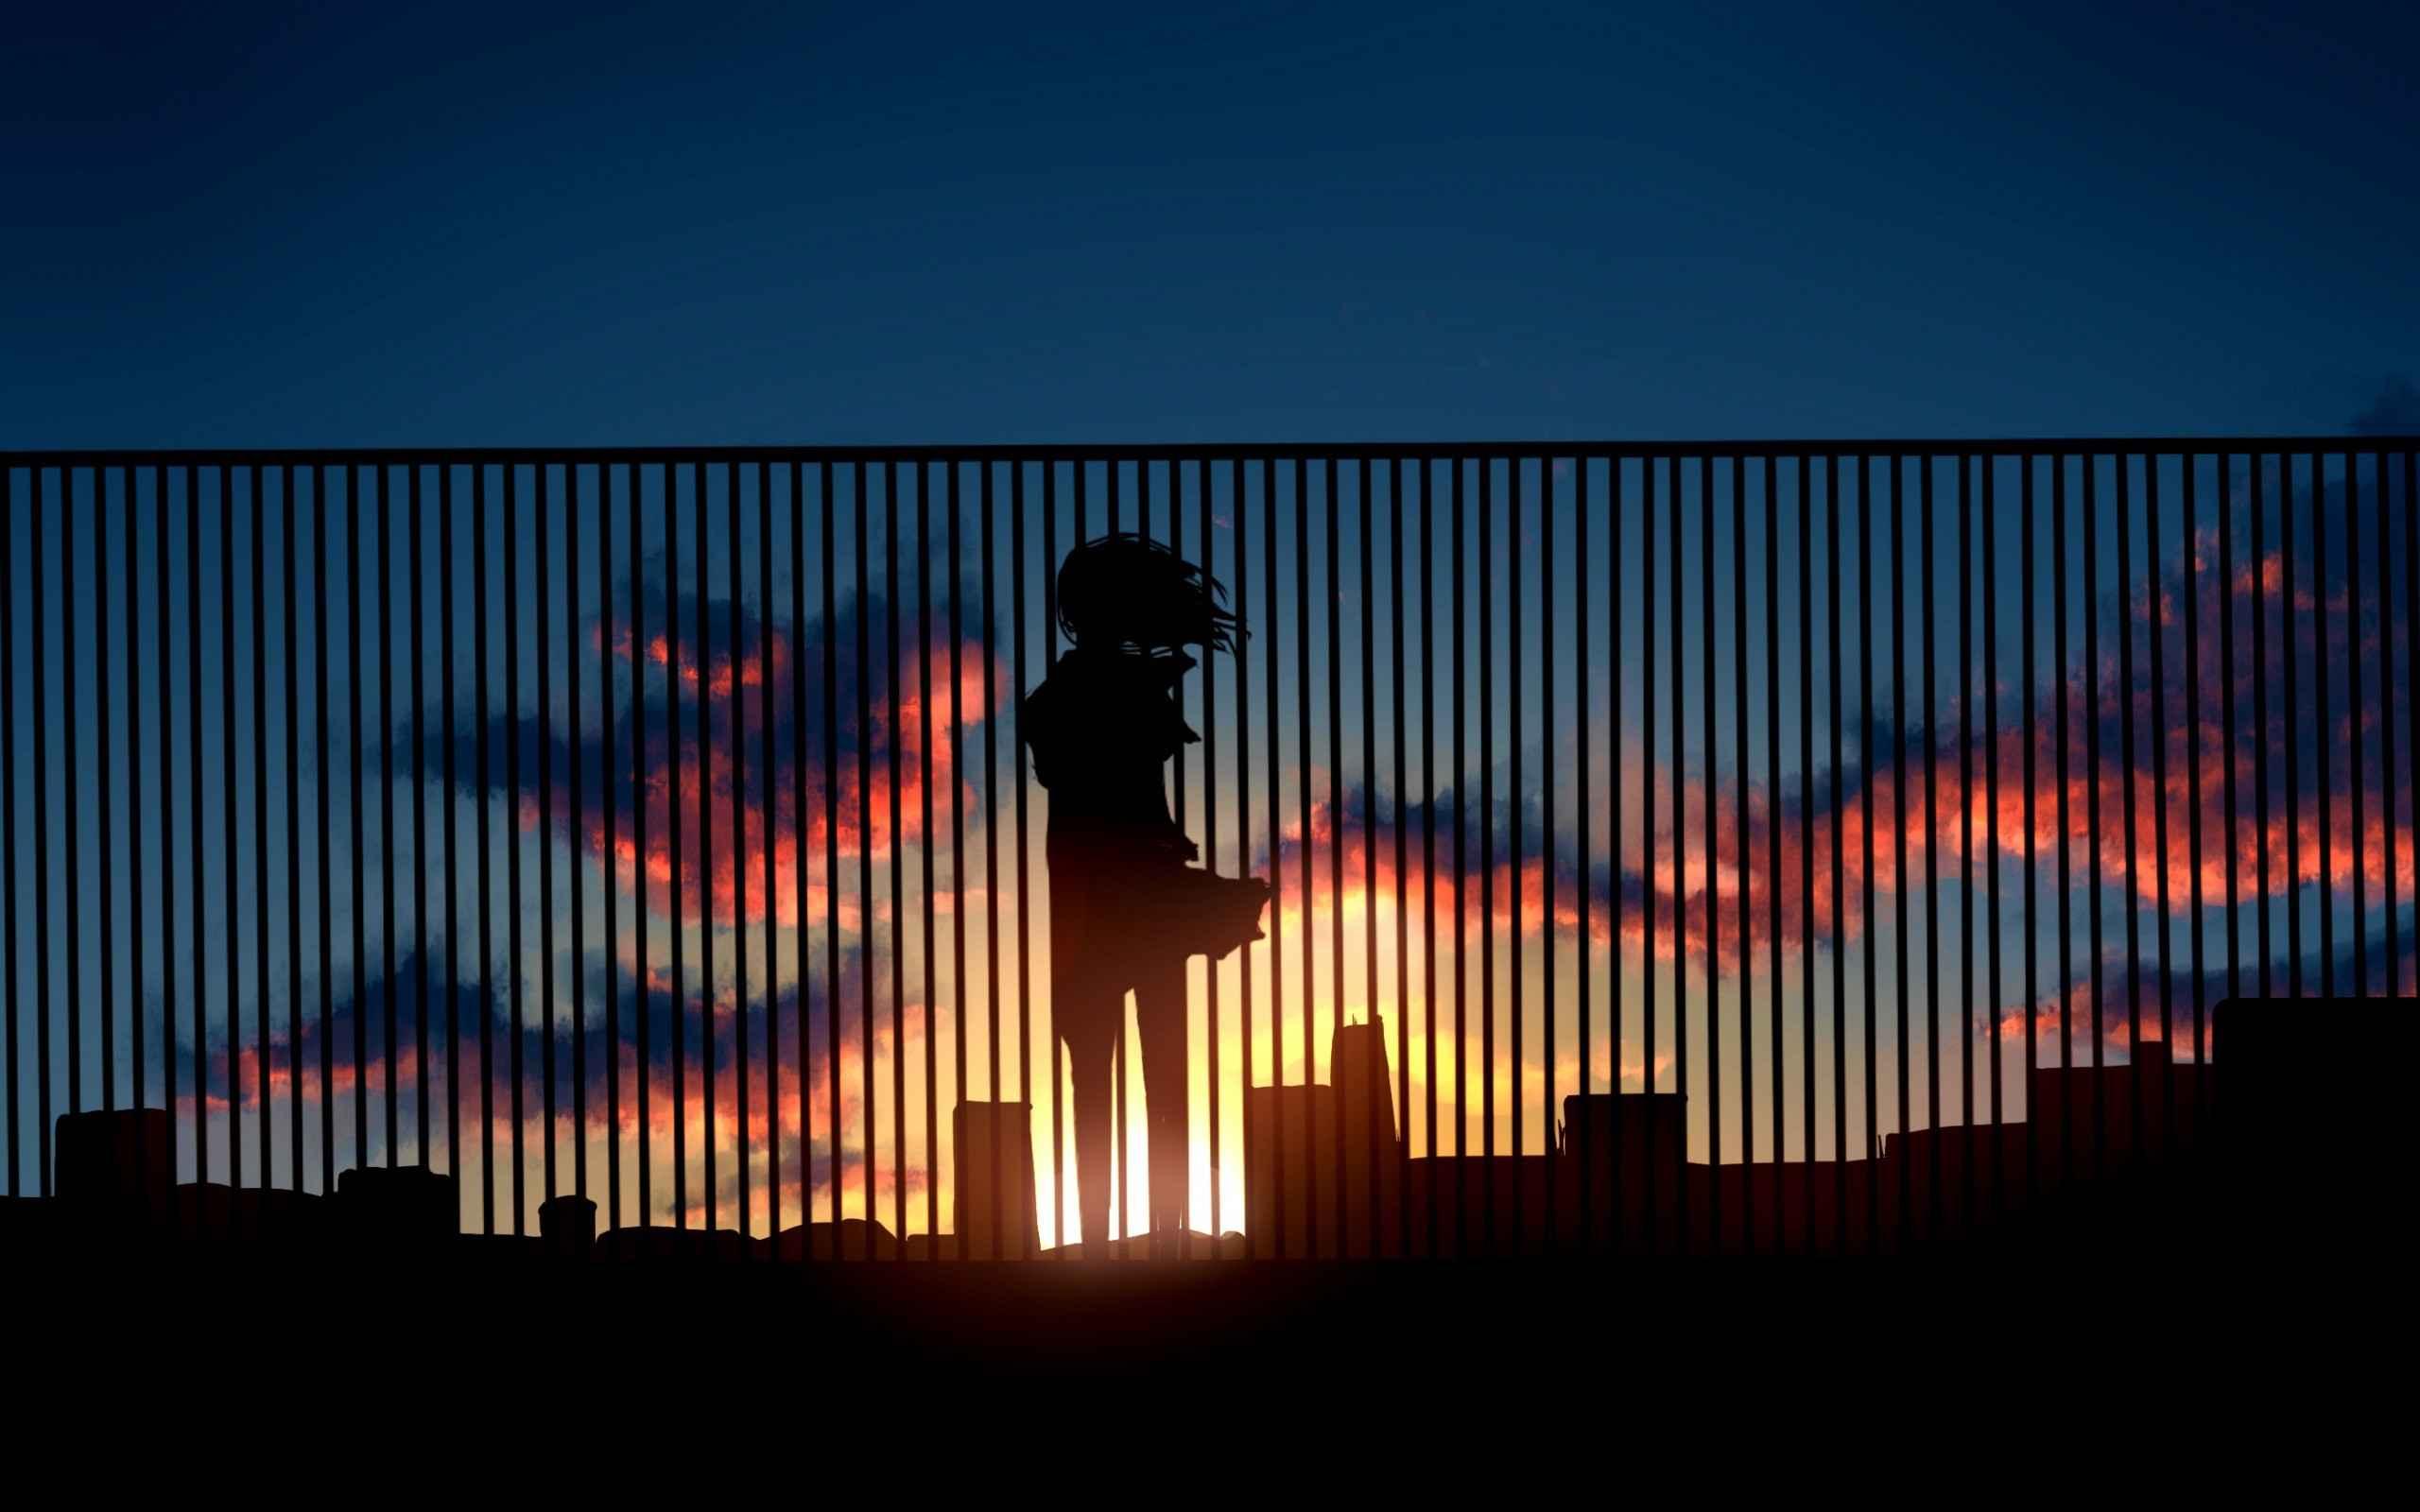 Sunset anime wallpaper